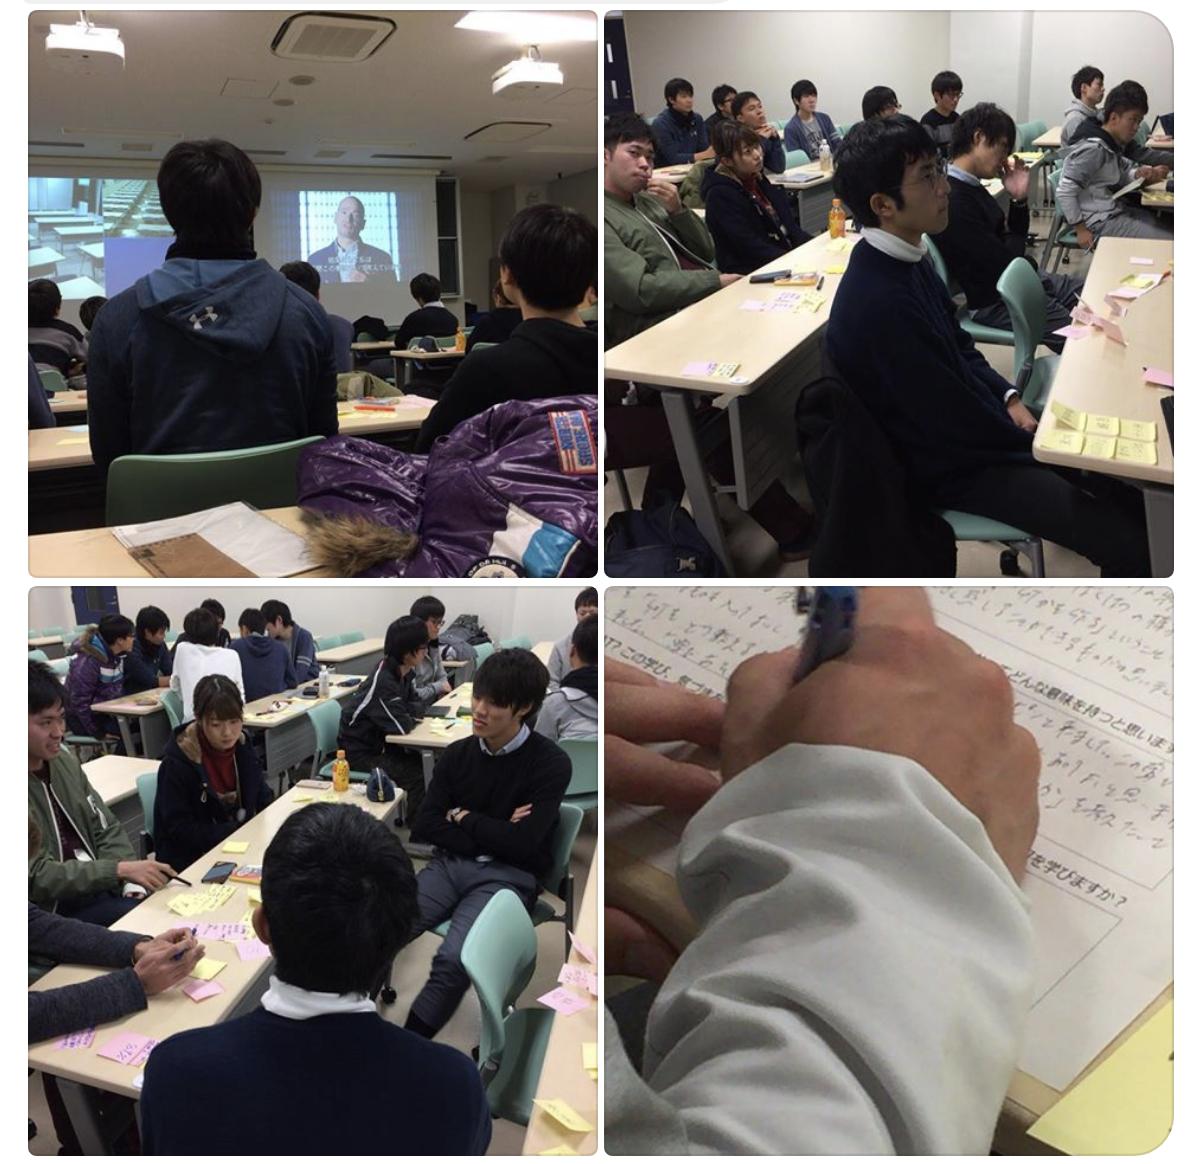 松永正樹先生(九州大学 ロバート・ファン/アントレプレナーシップ・センター(qrec) )の授業での様子